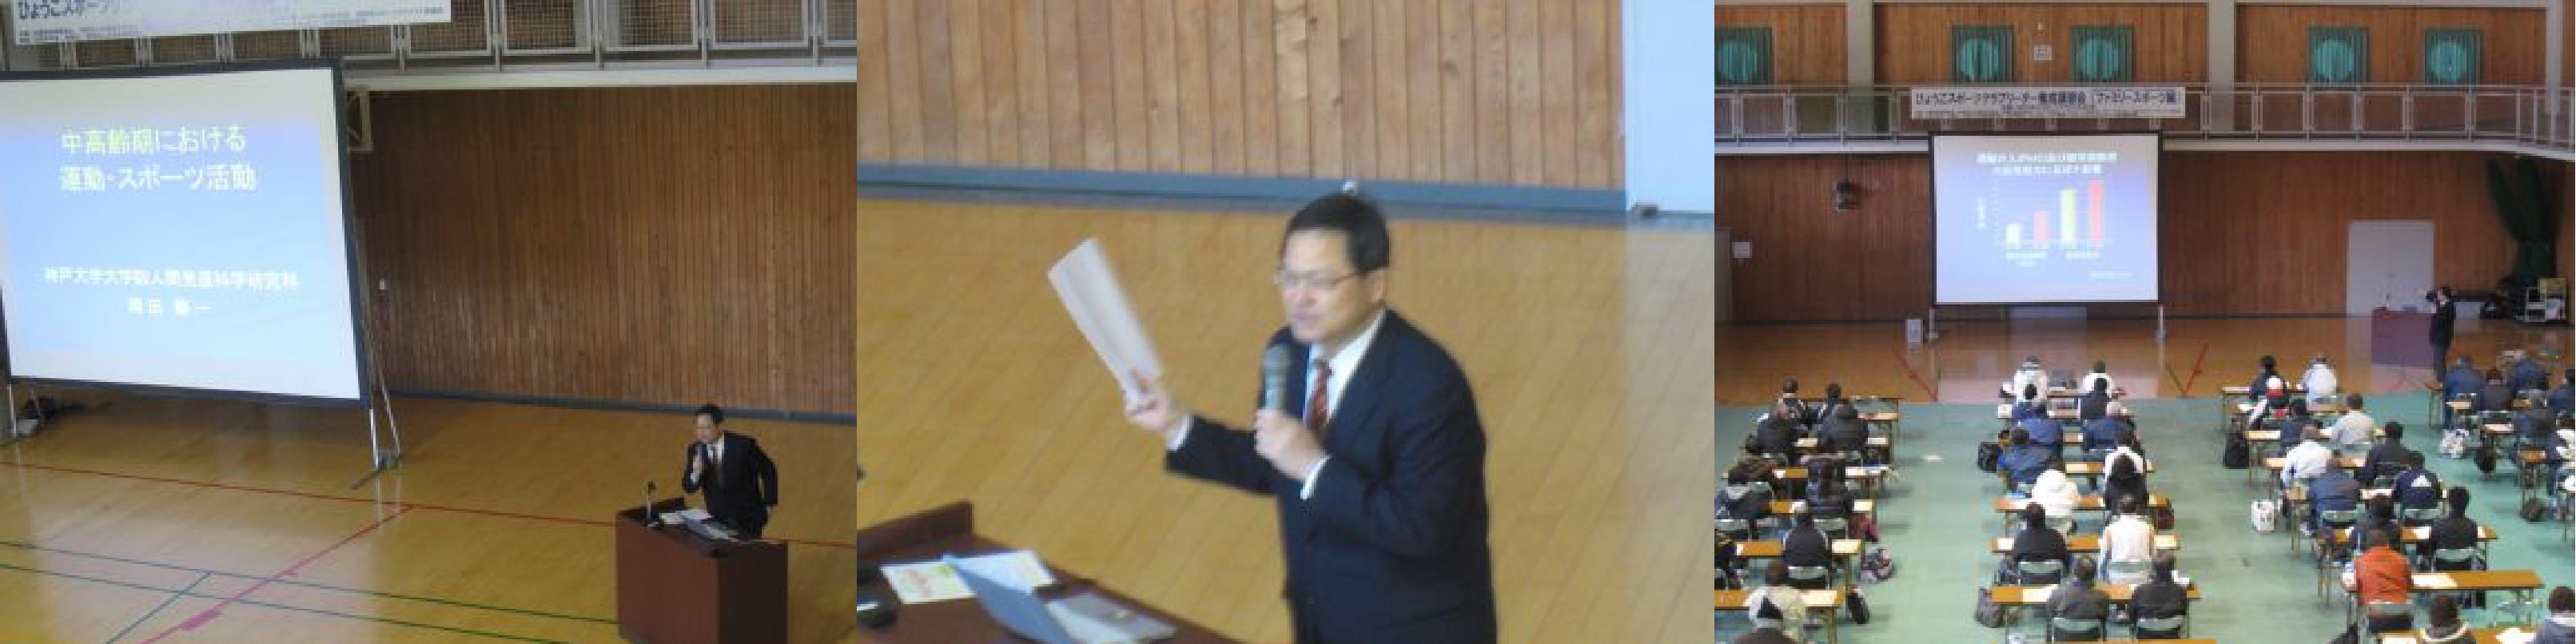 岡田先生講義.jpg